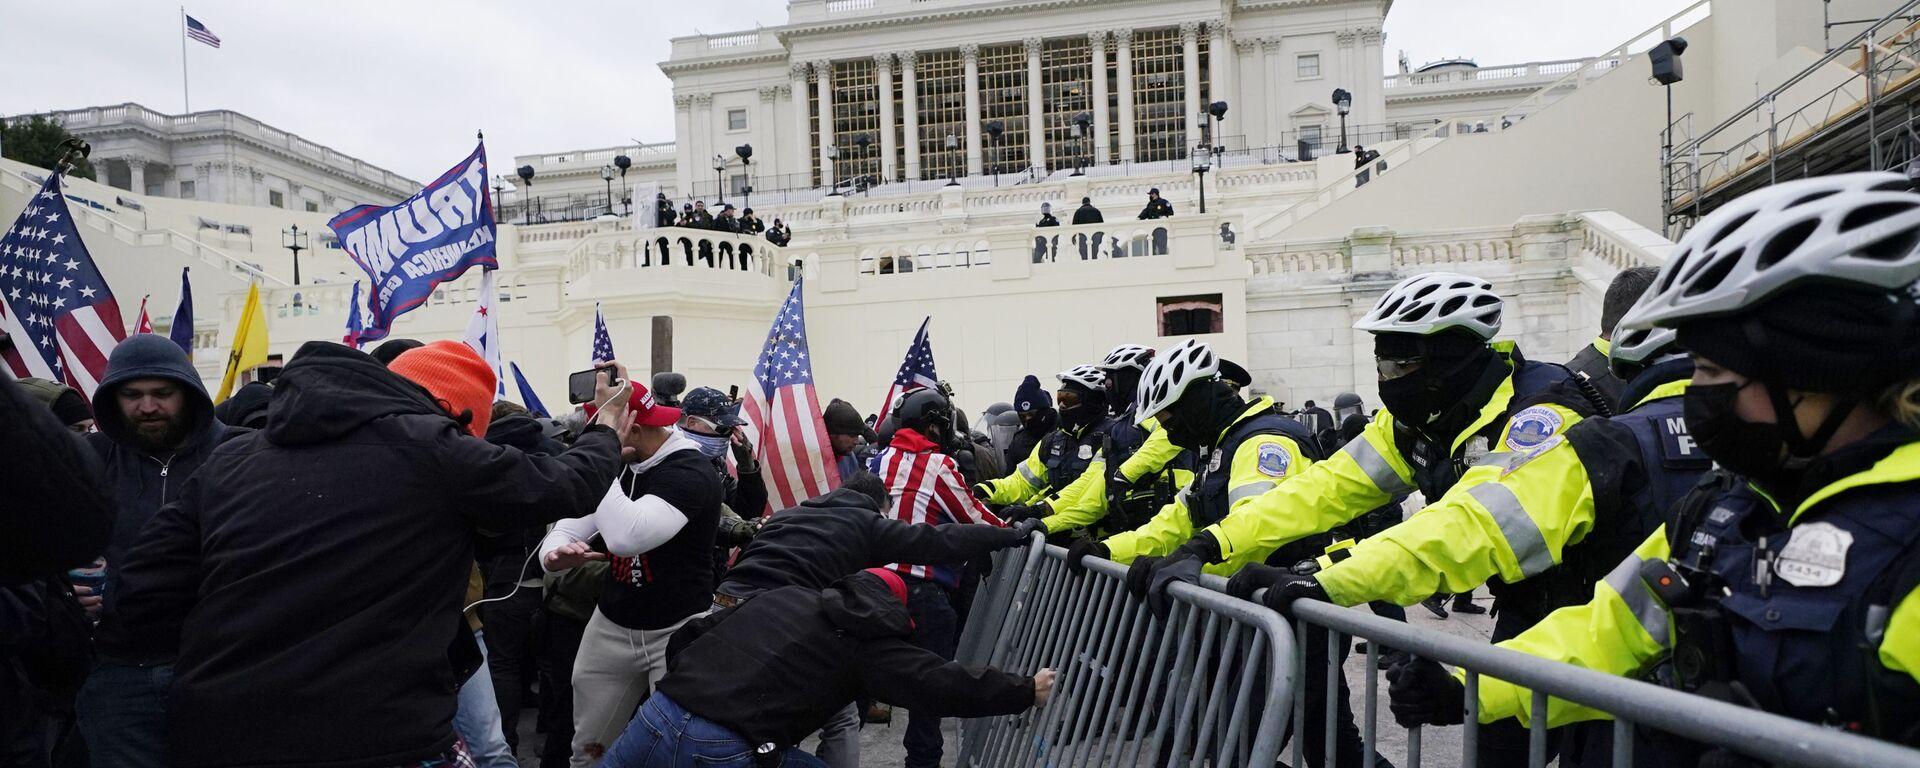 Manifestantes durante las protestas frente al Capitolio (Washington) - Sputnik Mundo, 1920, 17.06.2021